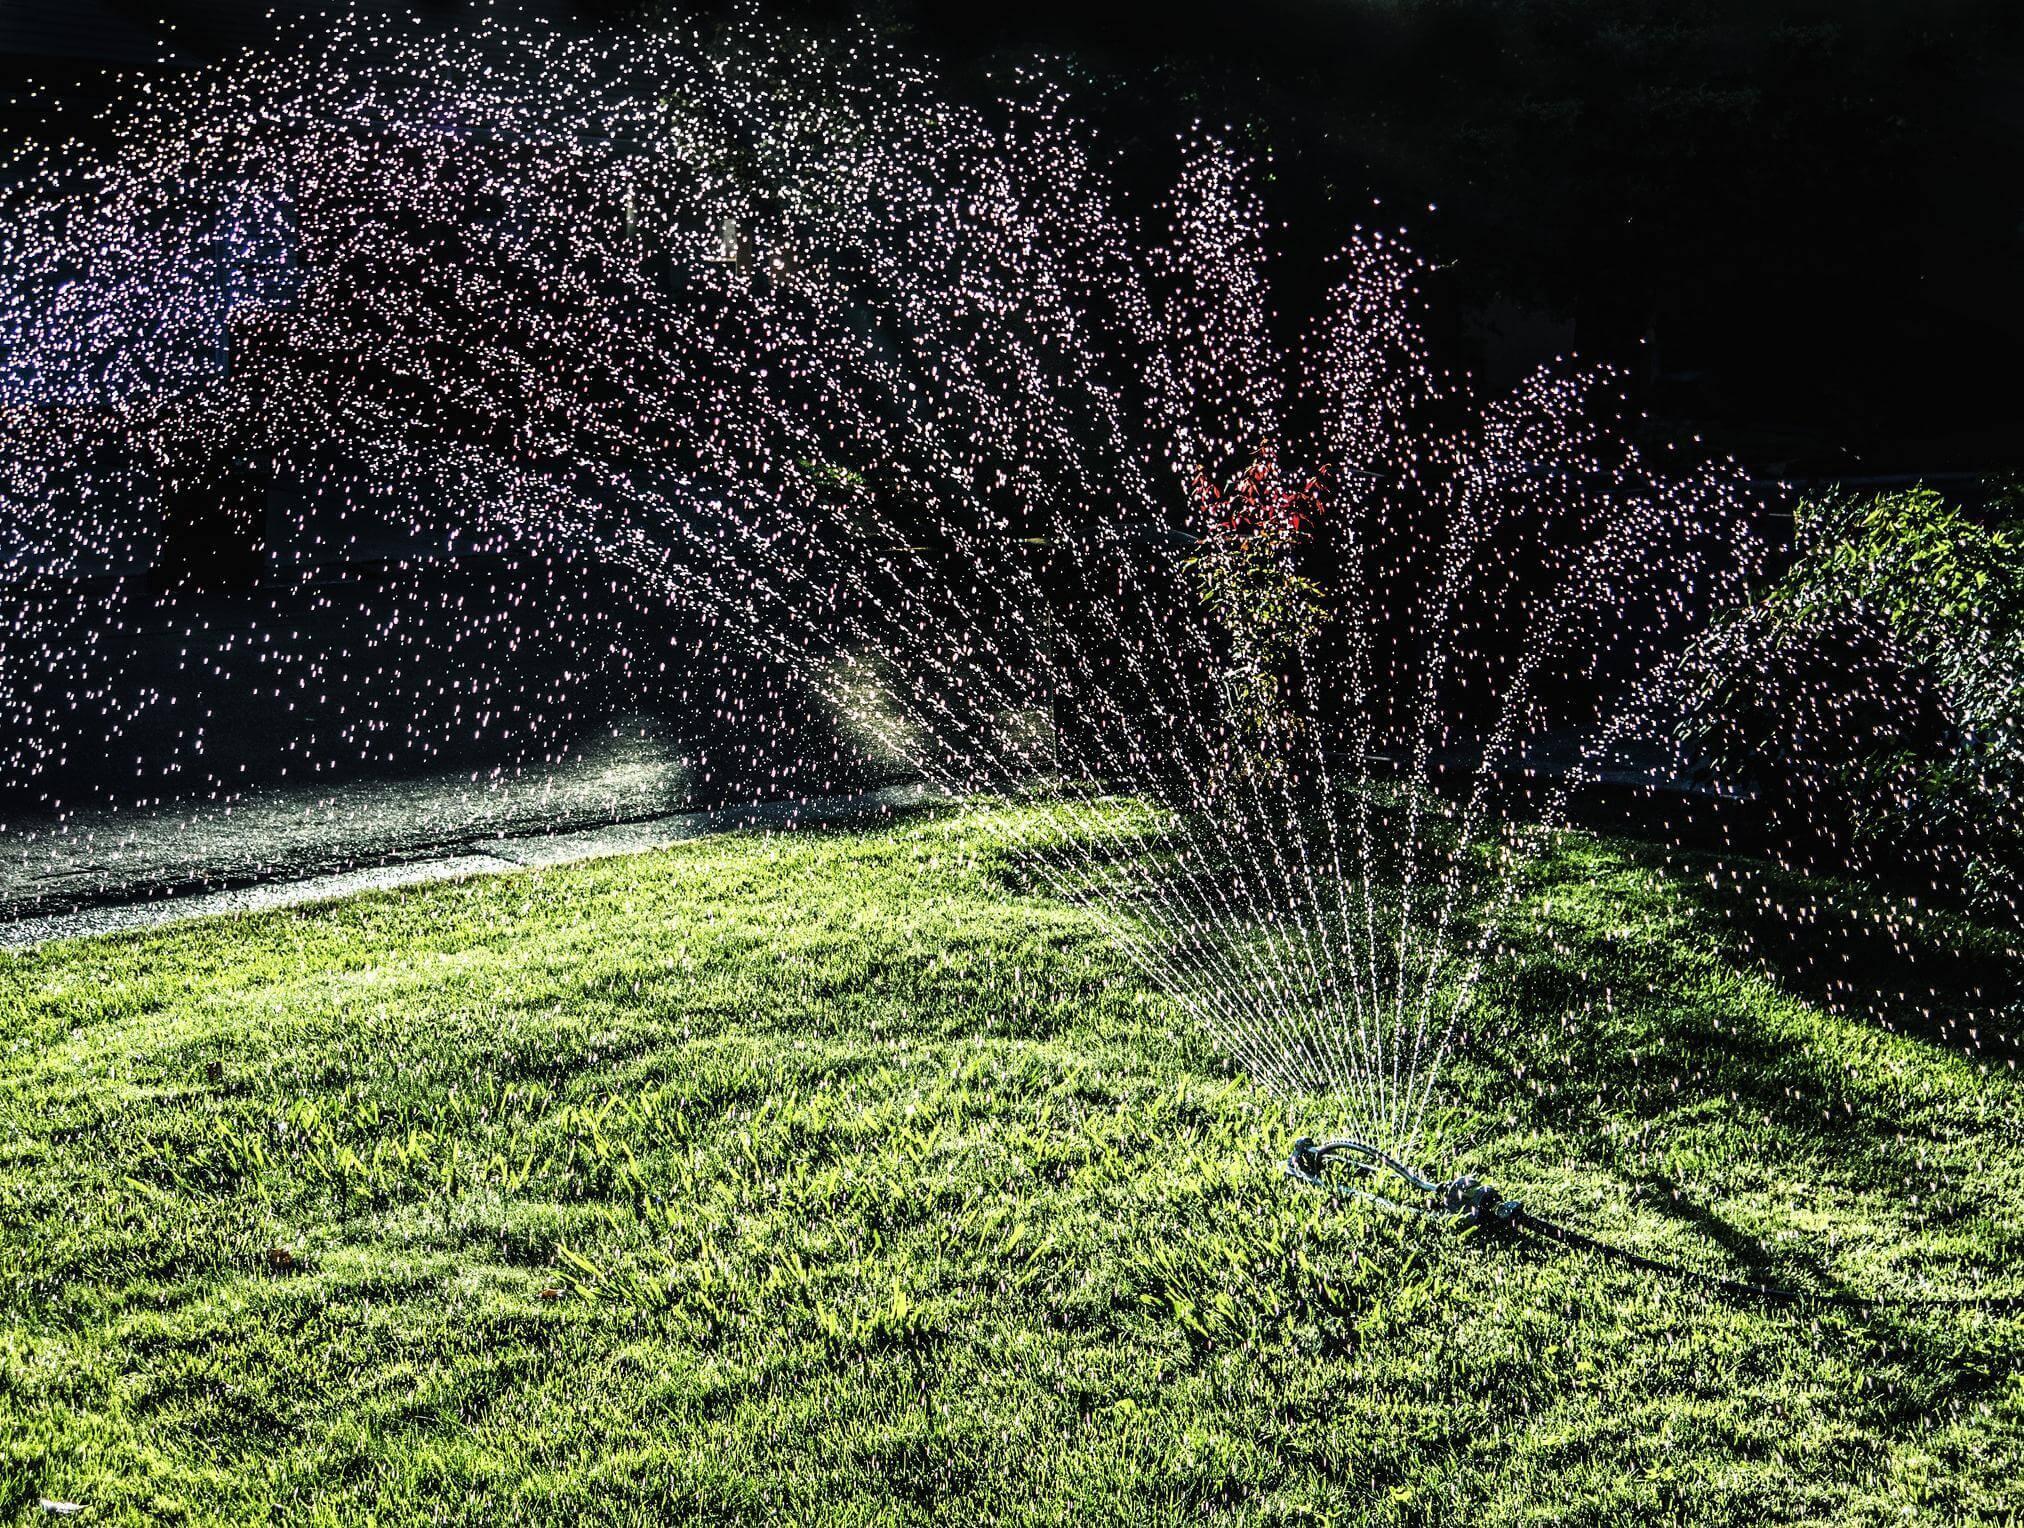 Lawn being sprinkled